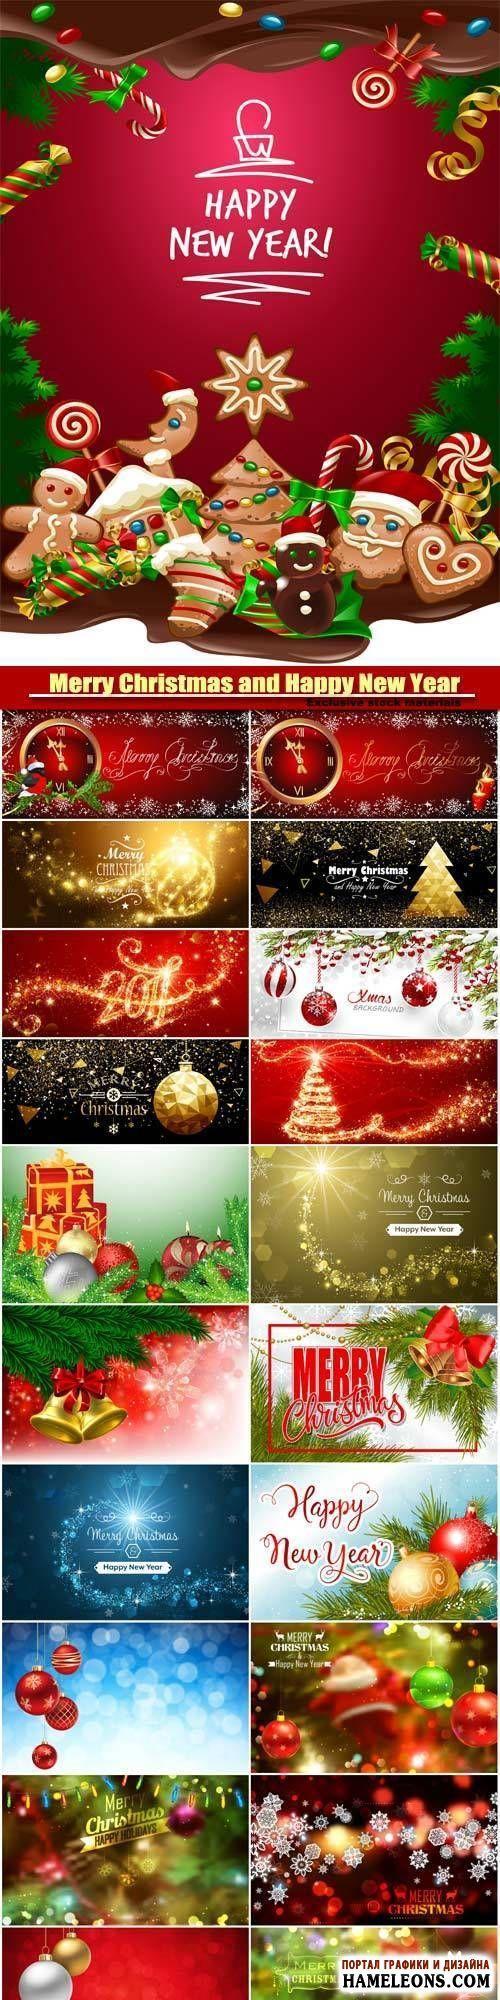 В векторе праздничные фоны, баннеры к Новому году: подарки, елочные шары, снежинки, часы, колокольчики | Merry Christmas and Happy New Year vector background